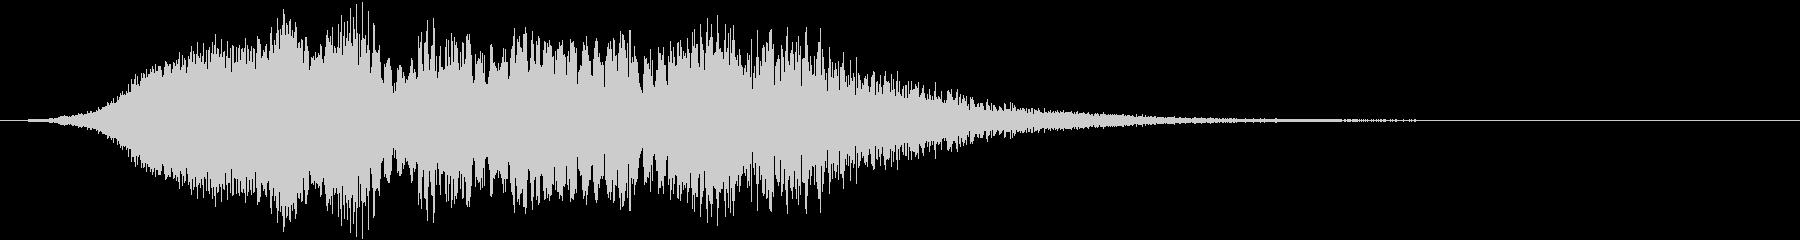 【ホラー】シーン転換_06 ホワーッの未再生の波形